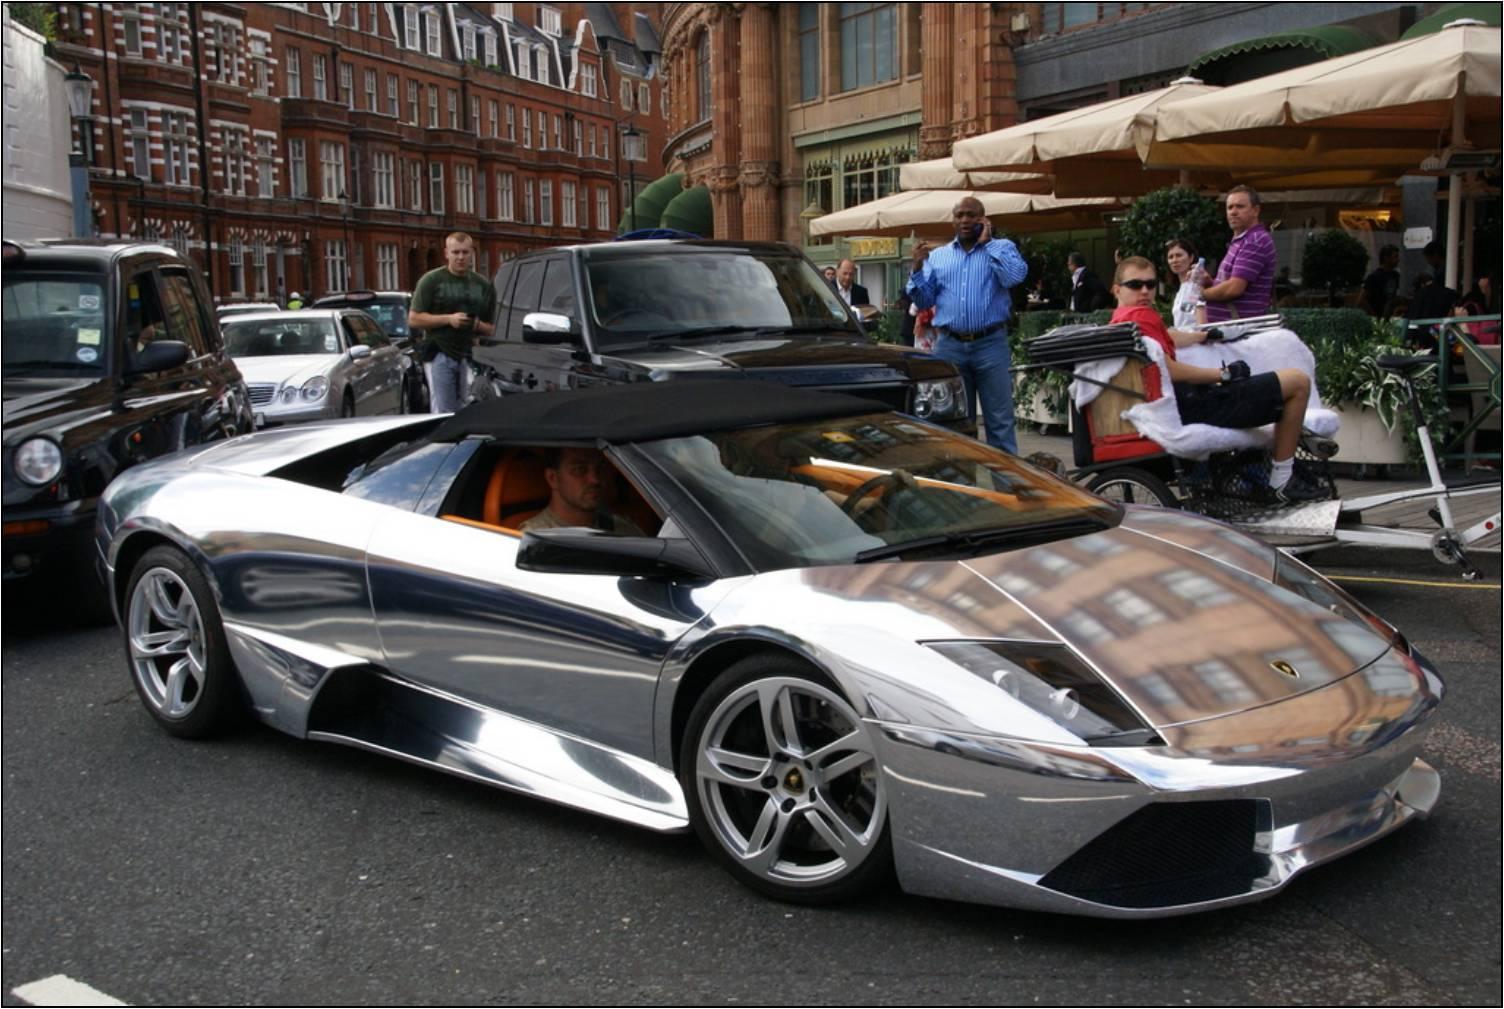 Mundo Tuning: Carros Exoticos